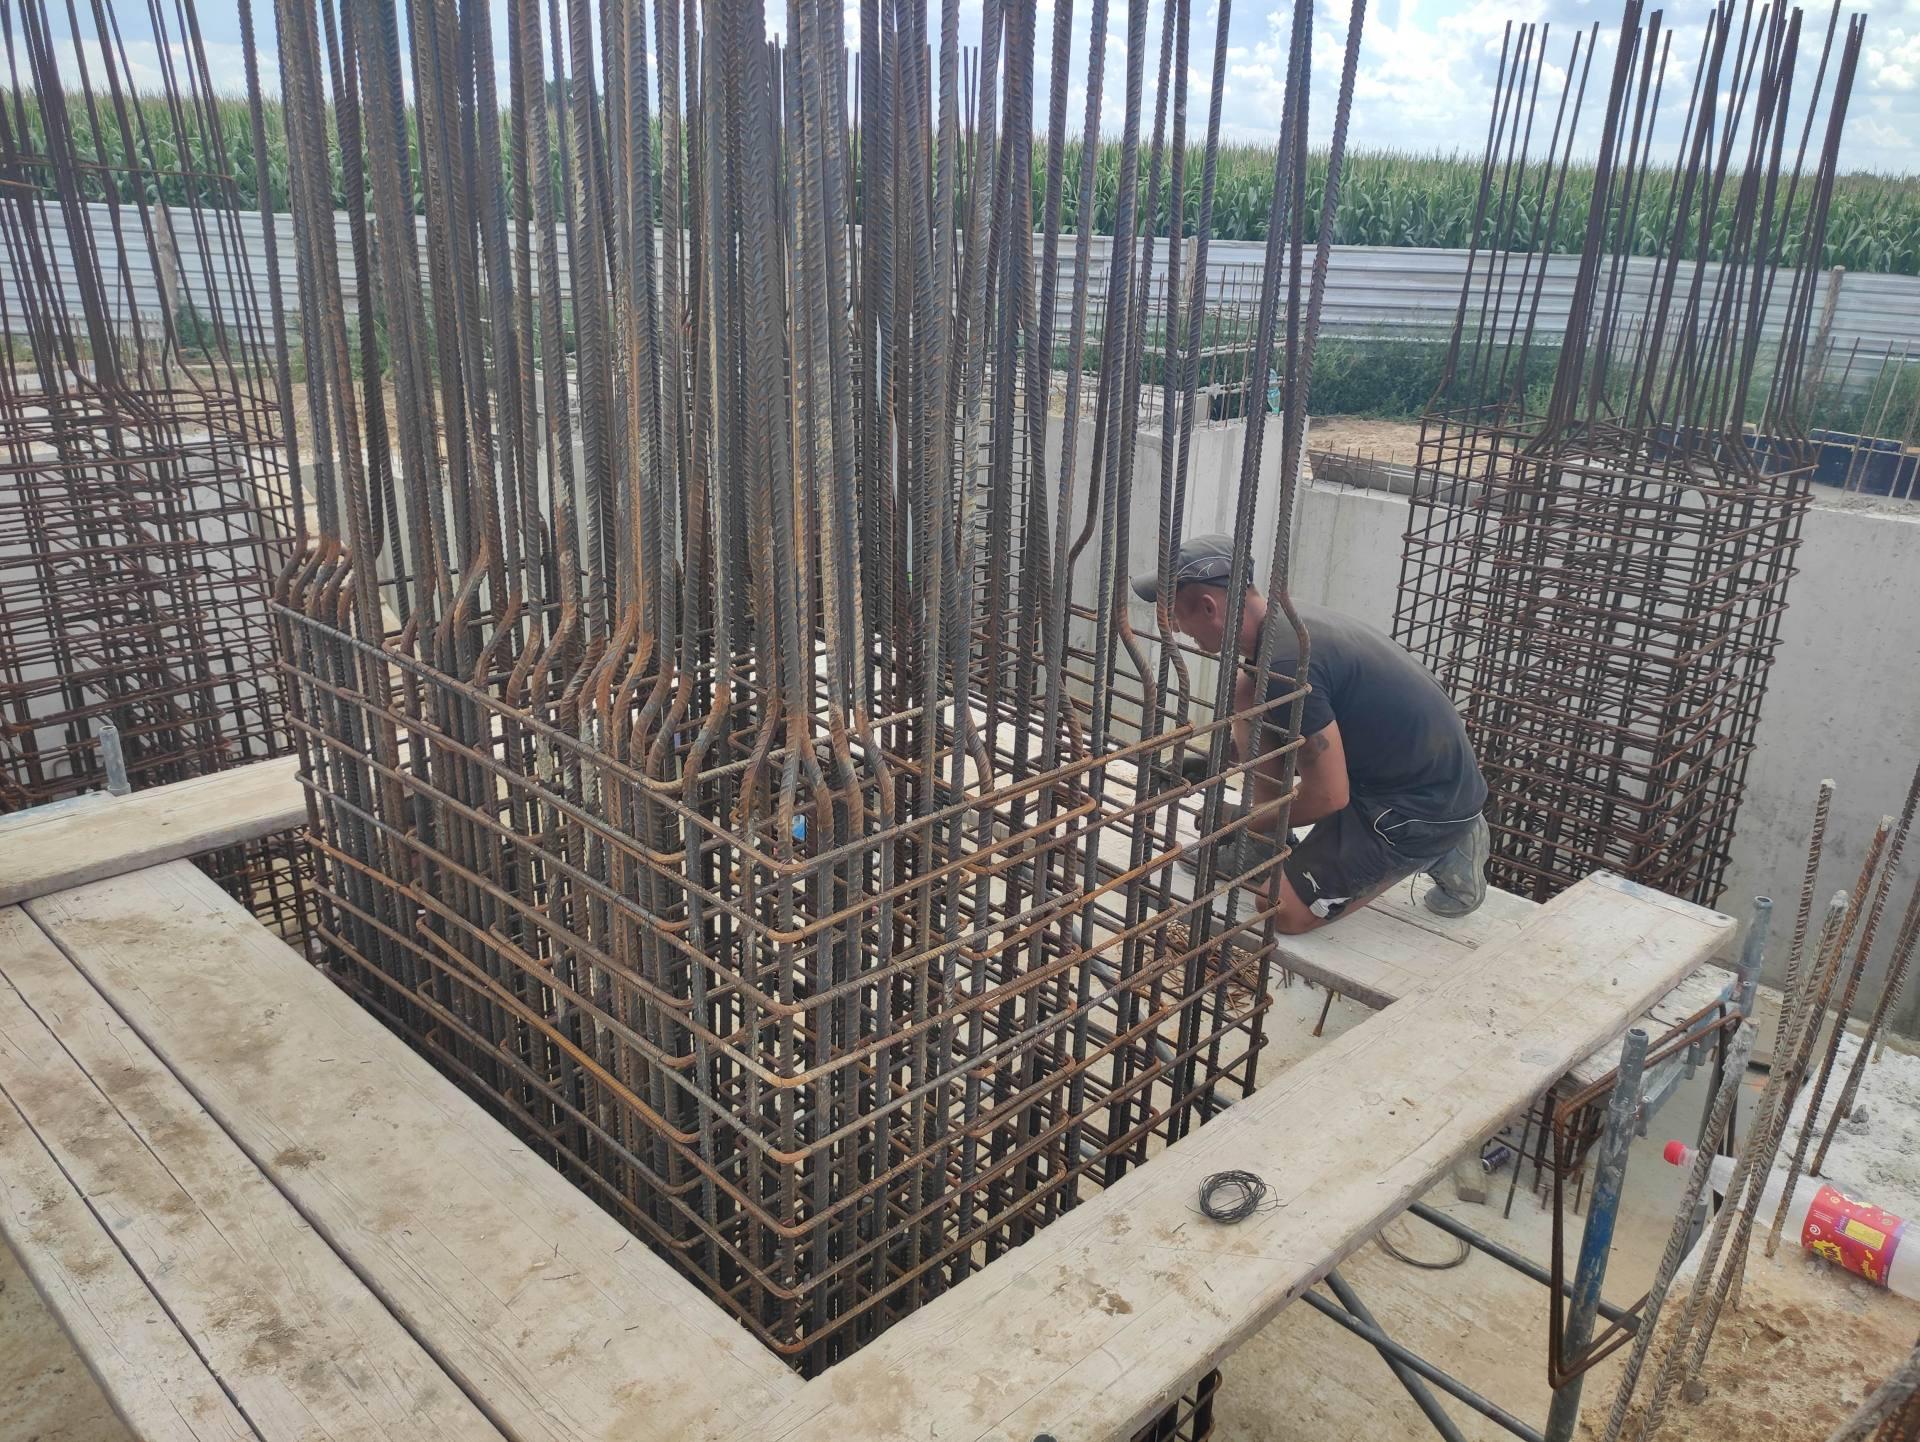 prace pomnik komarow 3 Zbliża się 101. rocznica Bitwy pod Komarowem. Jak postepują prace przy budowie pomnika bitwy?